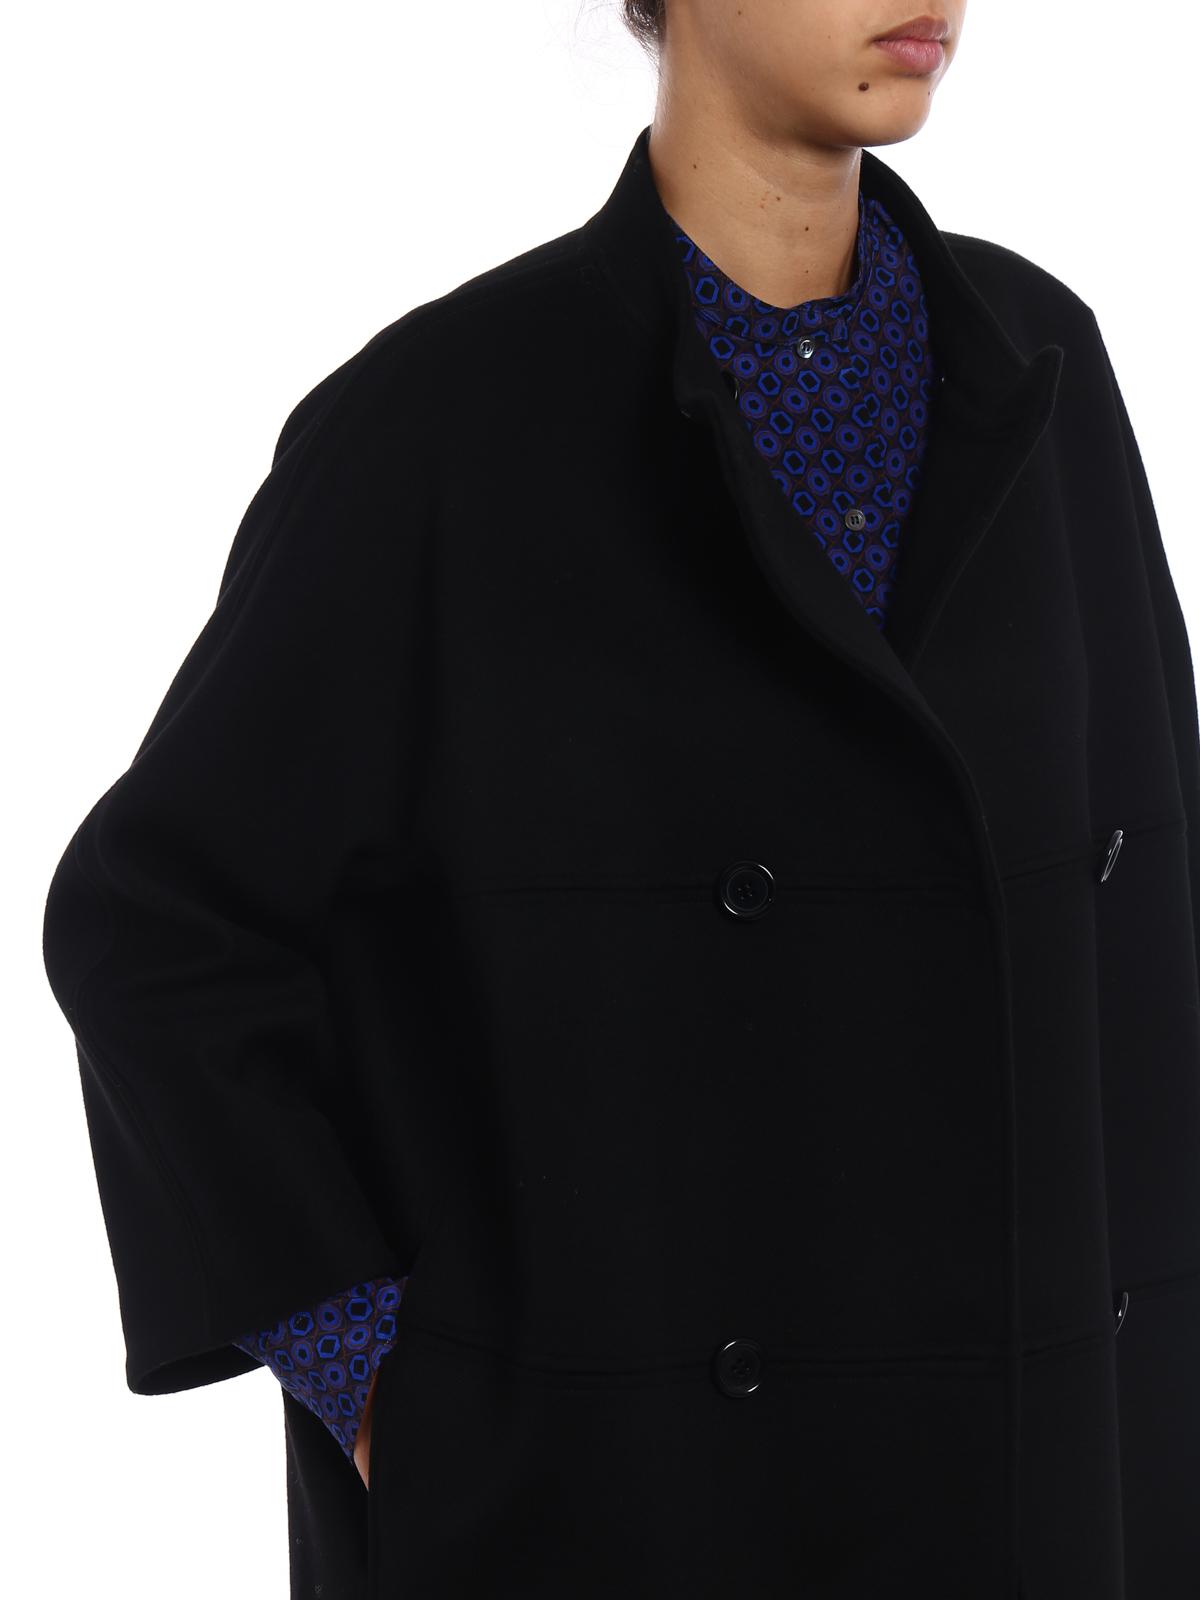 Aspesi - Cappotto a uovo in lana nera - cappotti corti - 764535501241 0e1583cc2715